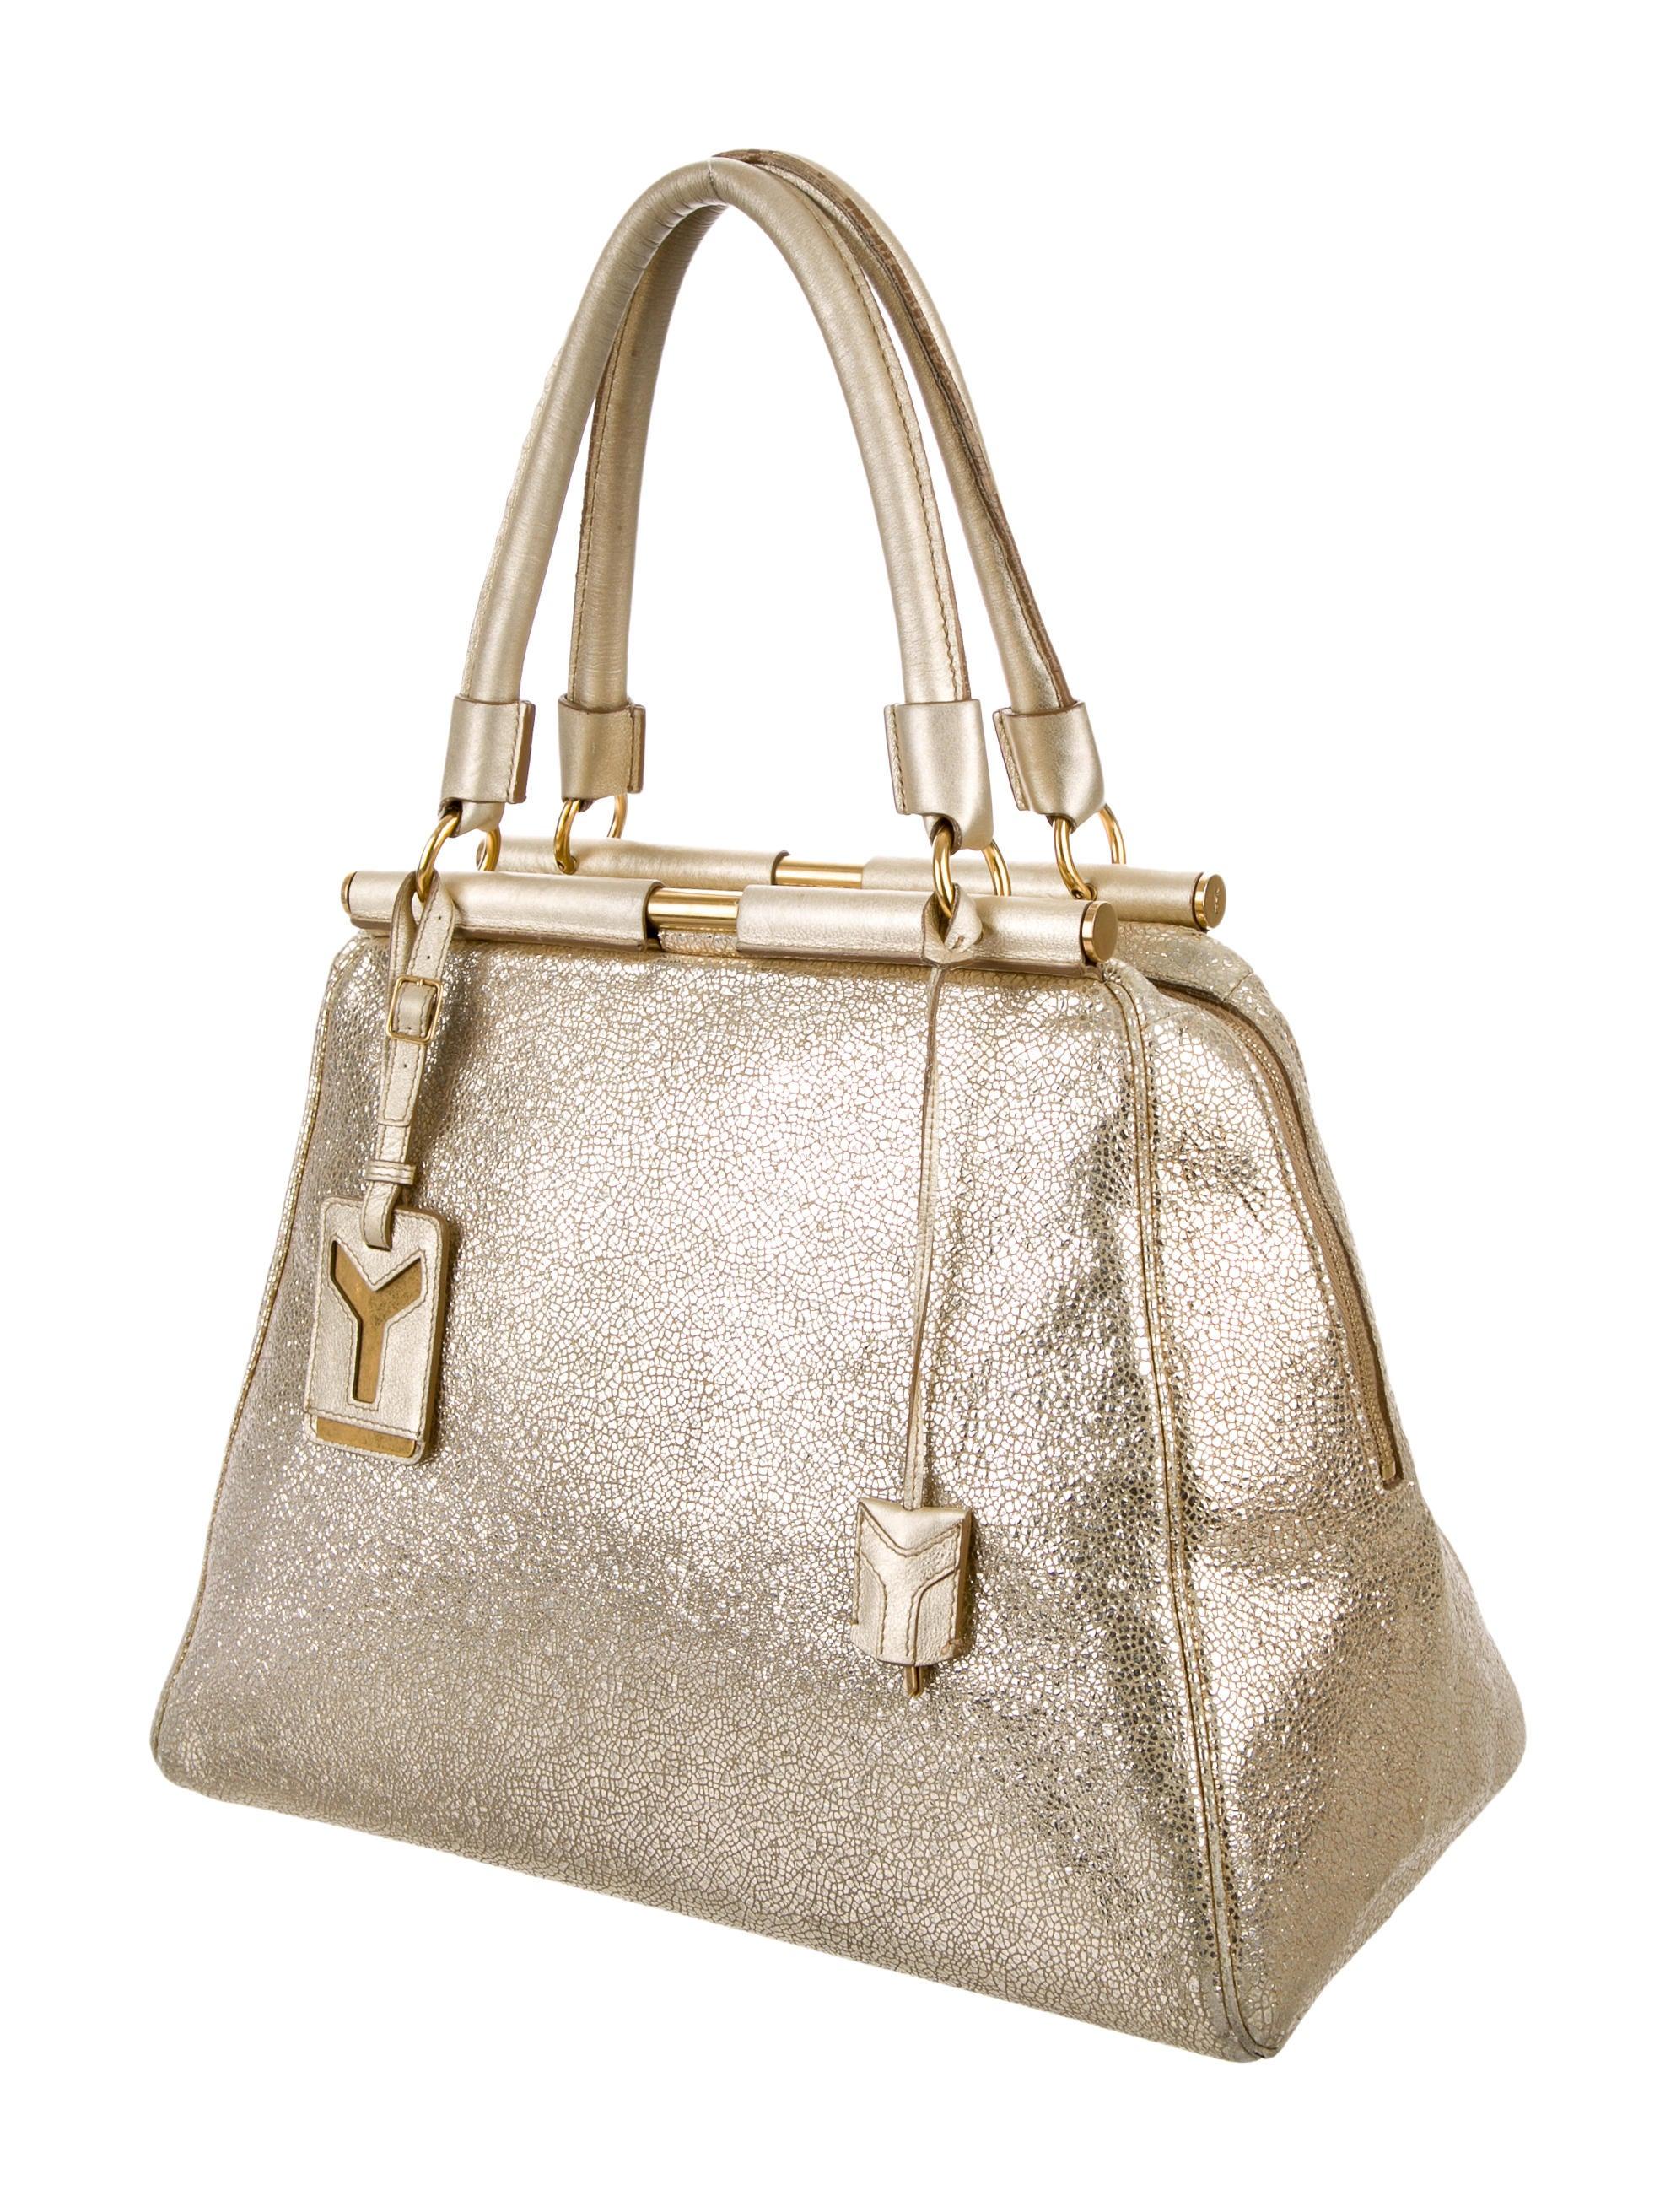 Yves Saint Laurent Metallic Majorelle Bag